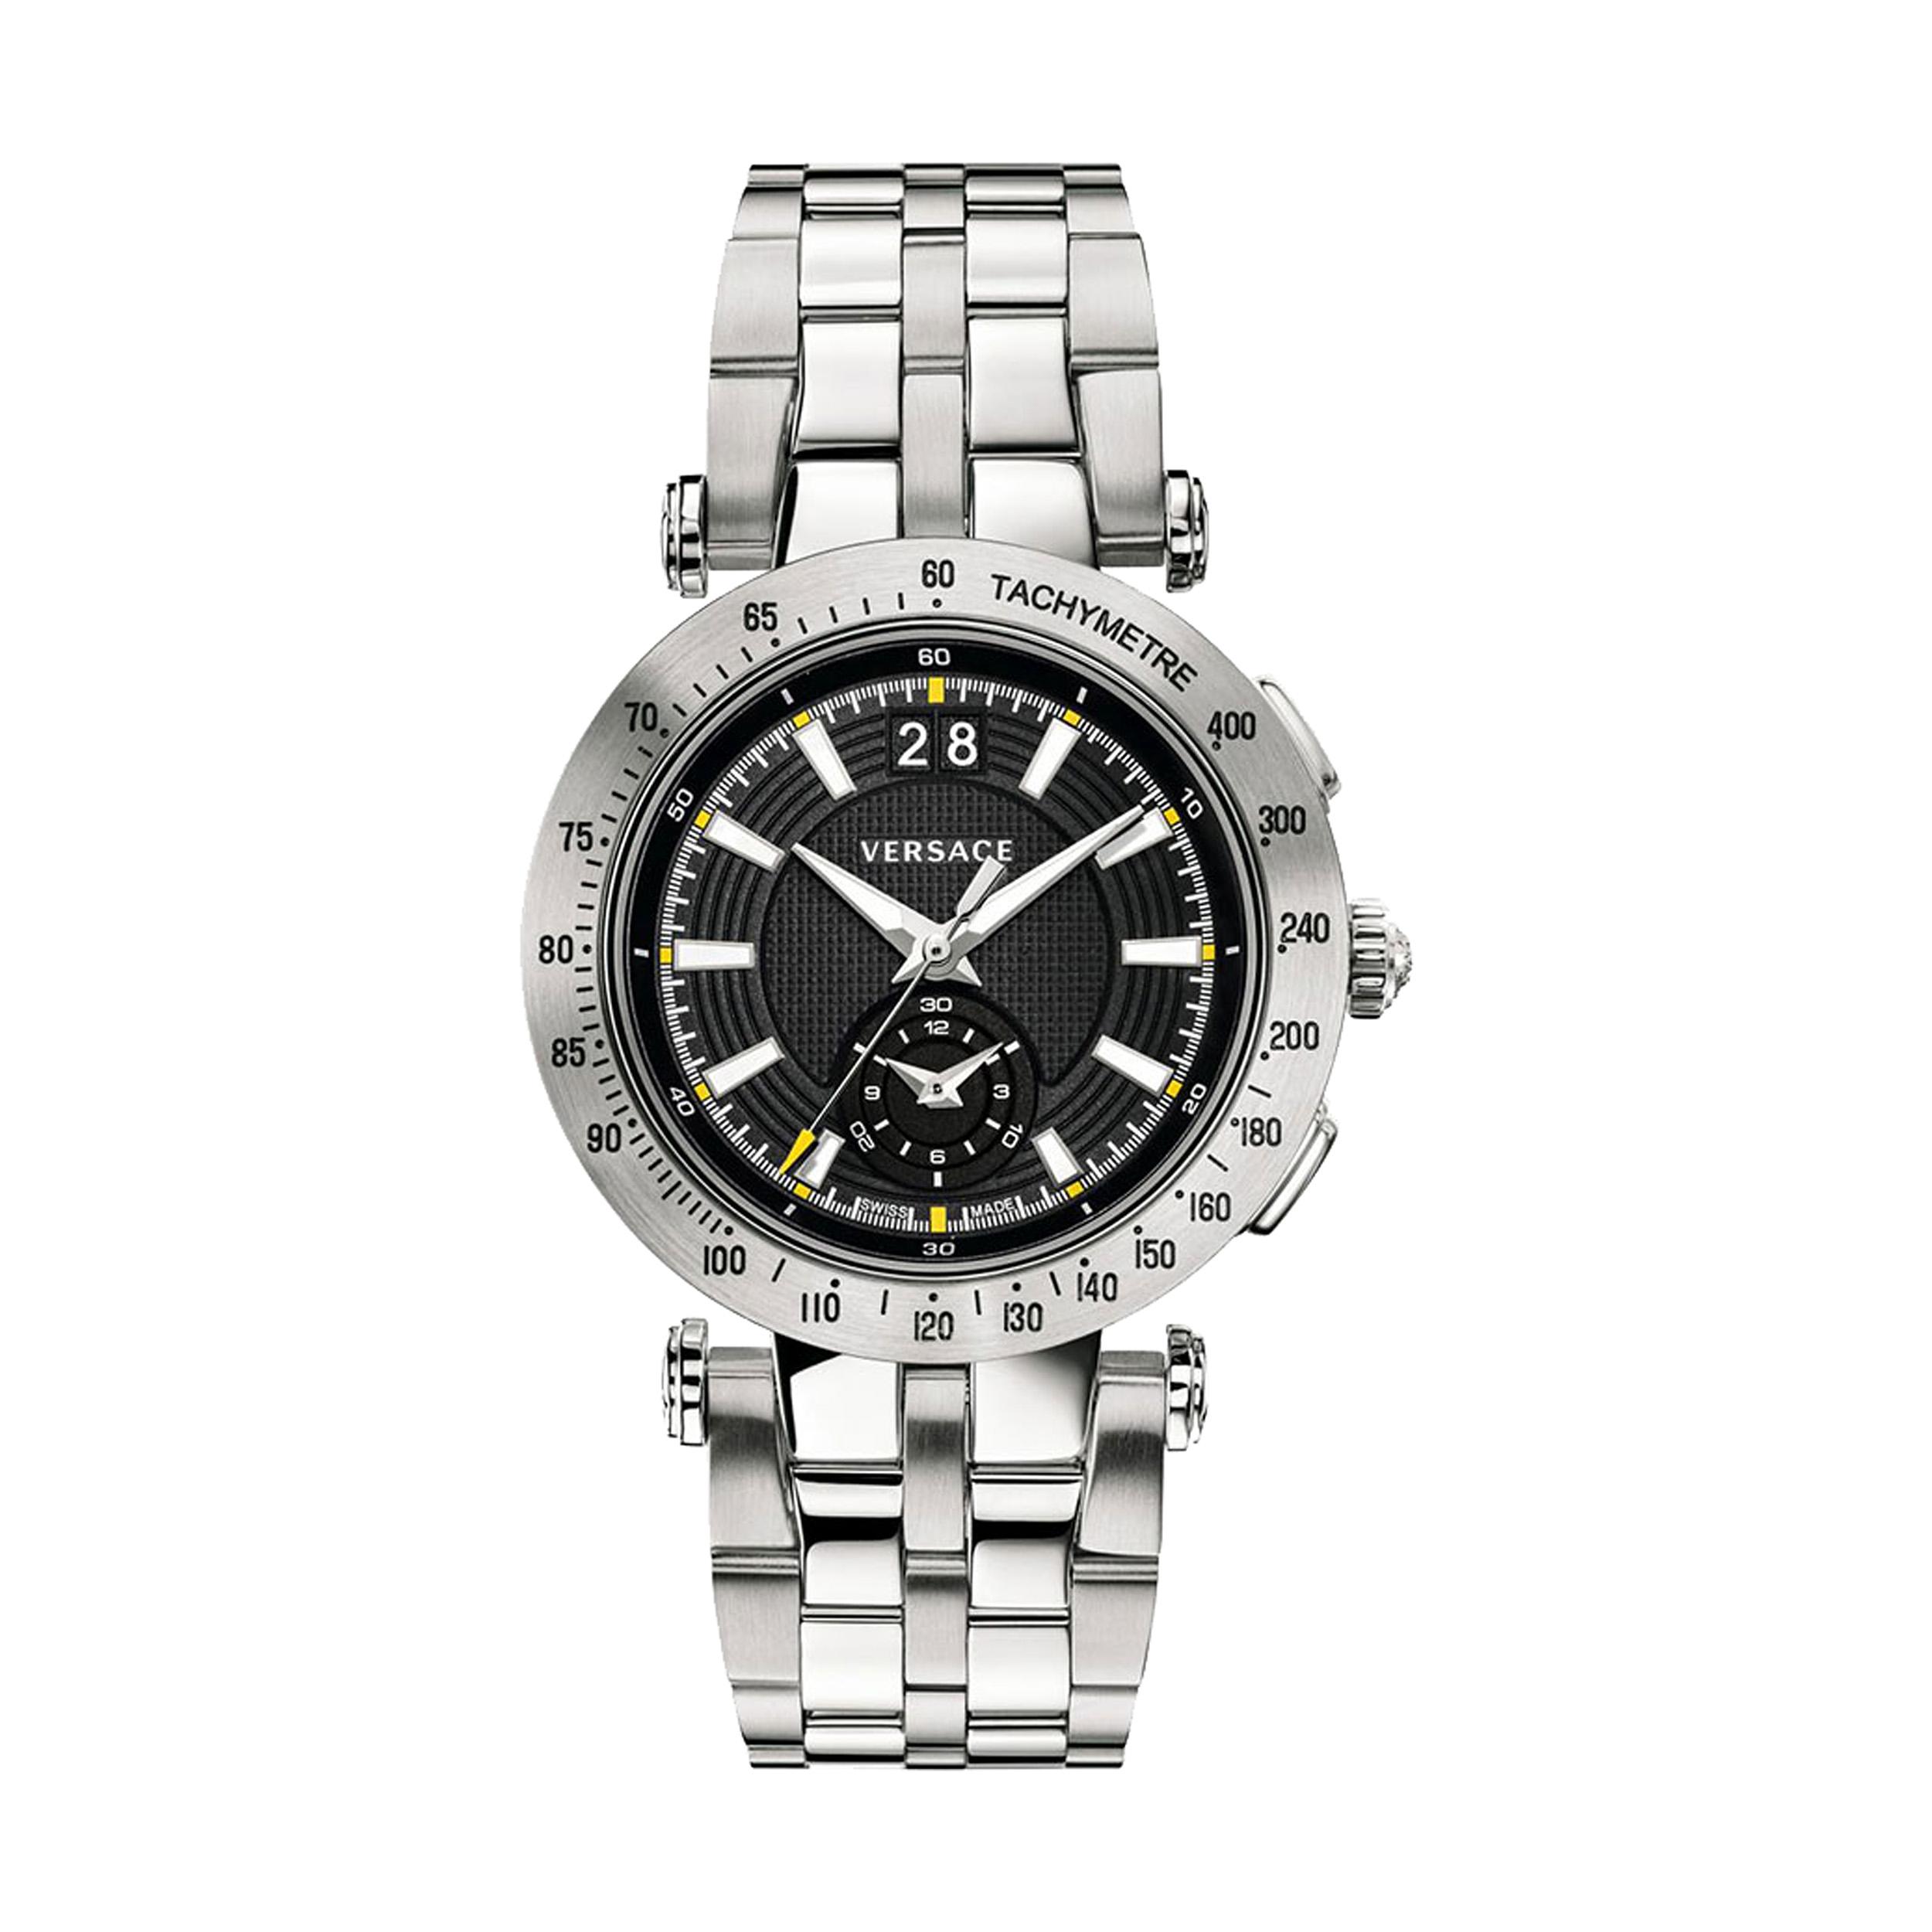 ساعت مچی عقربه ای مردانه ورساچه مدل VAH010016